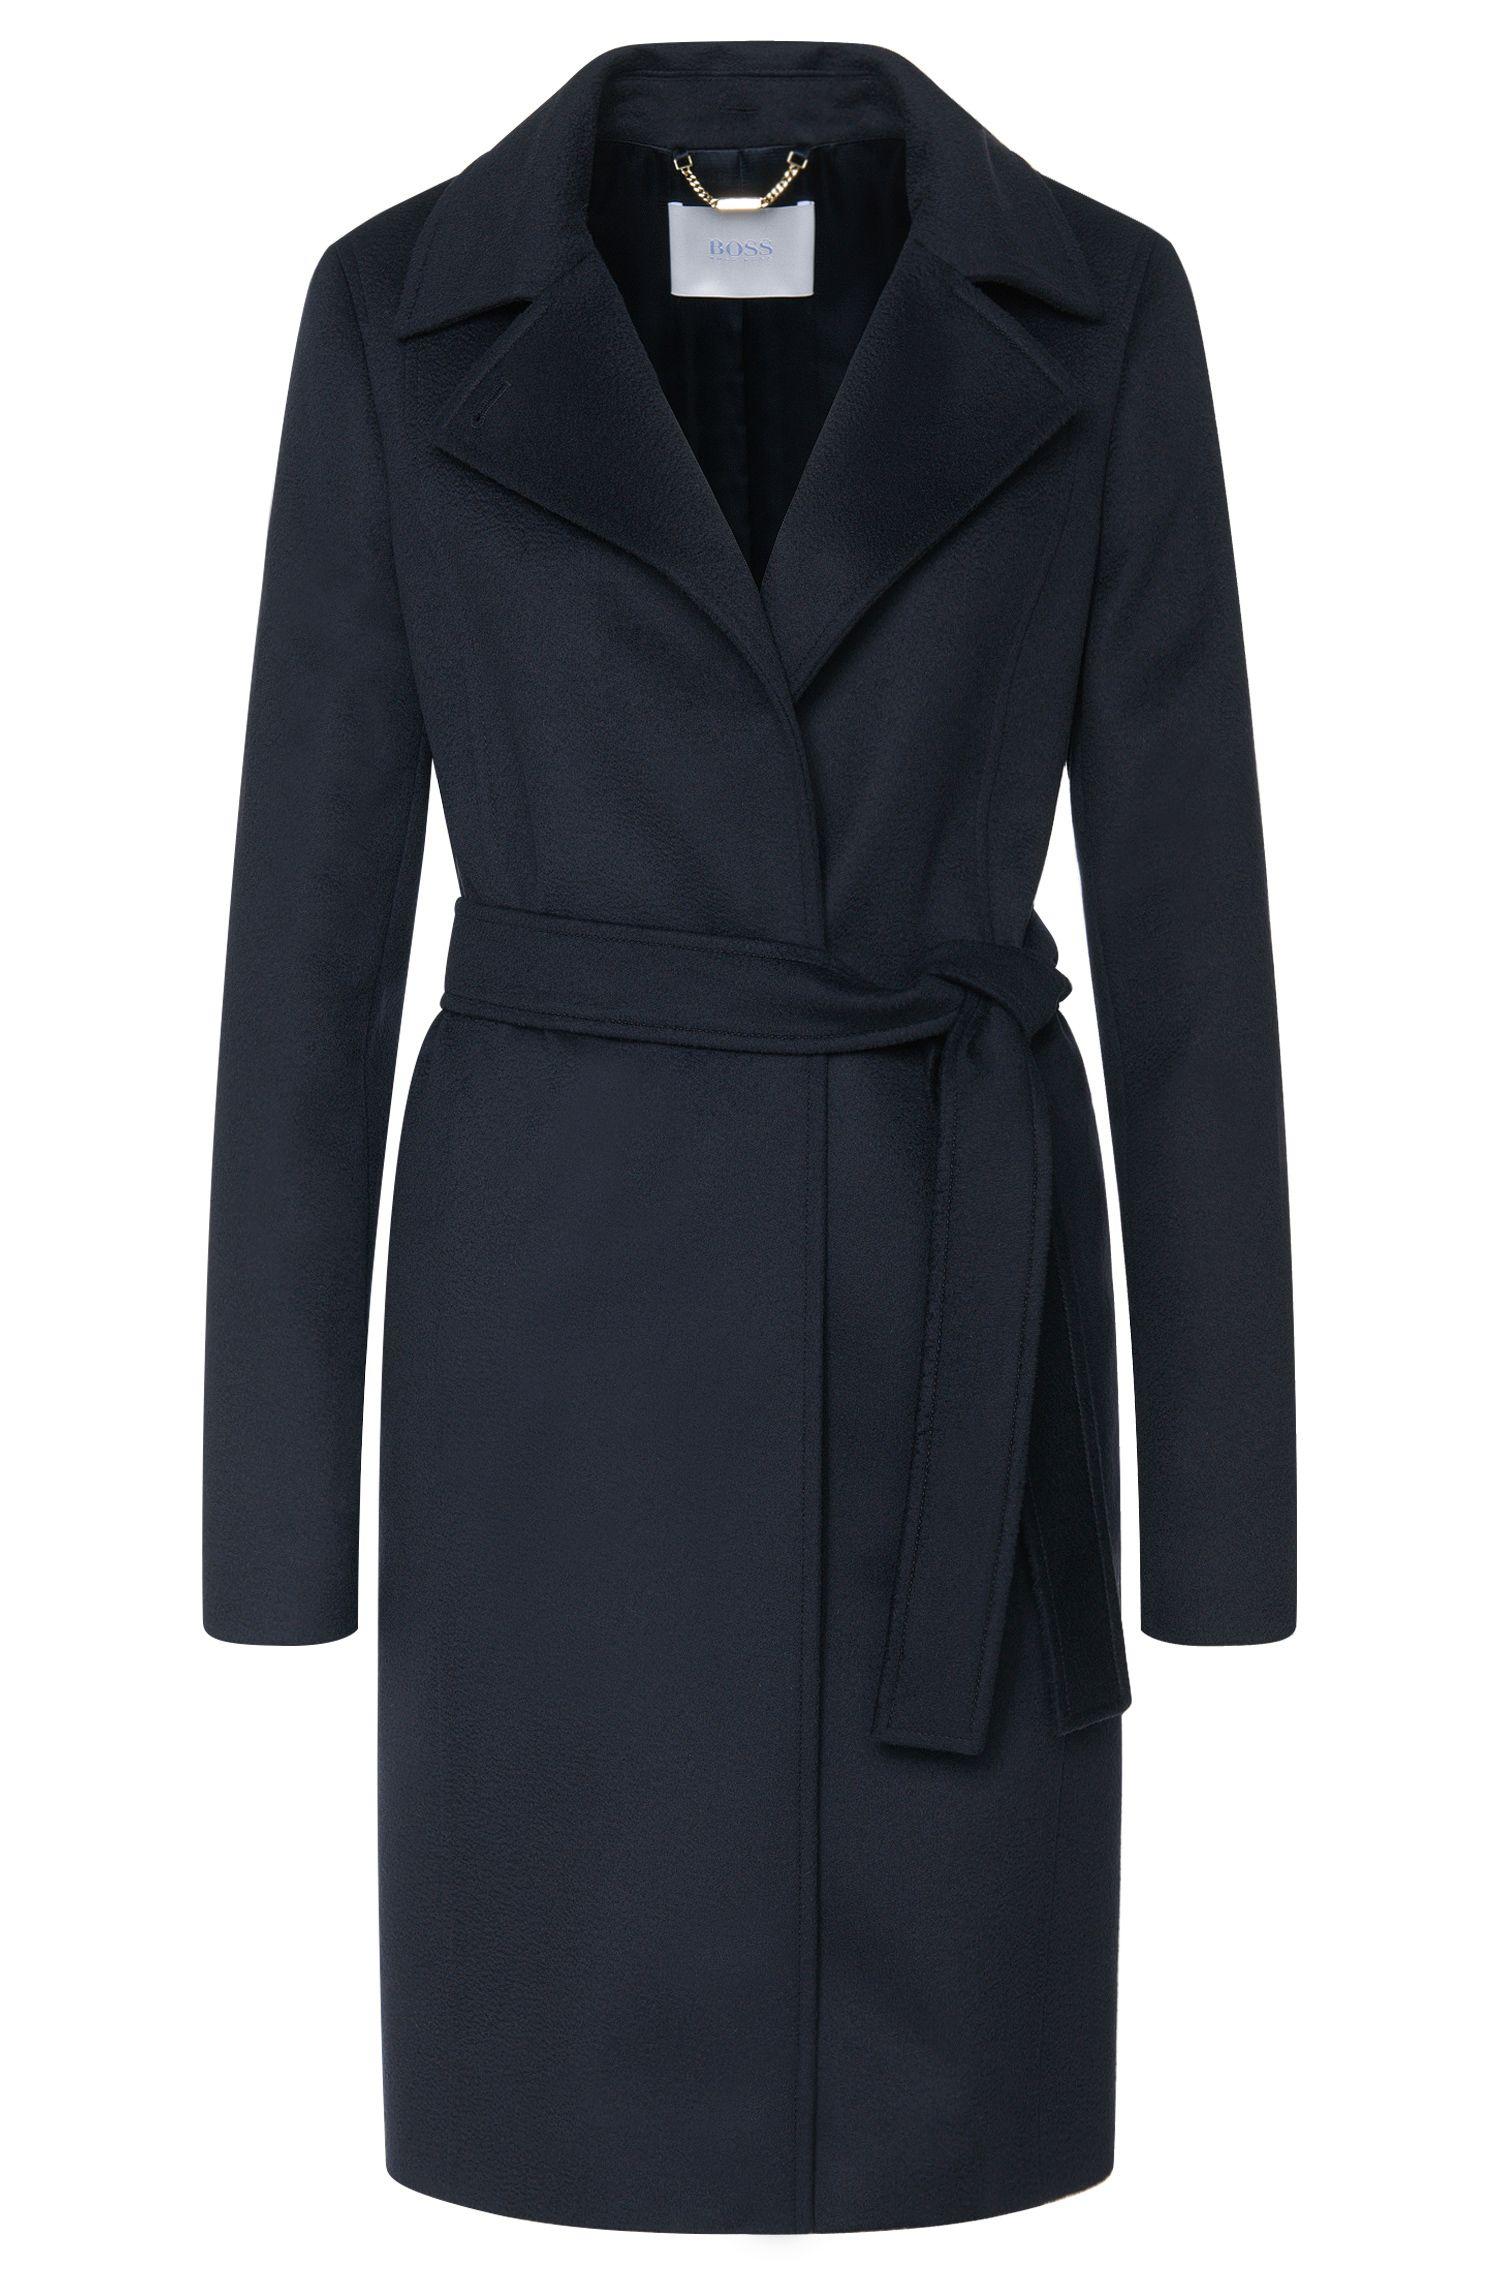 Mantel aus reiner Schurwolle mit Bindegürtel: 'Canika'